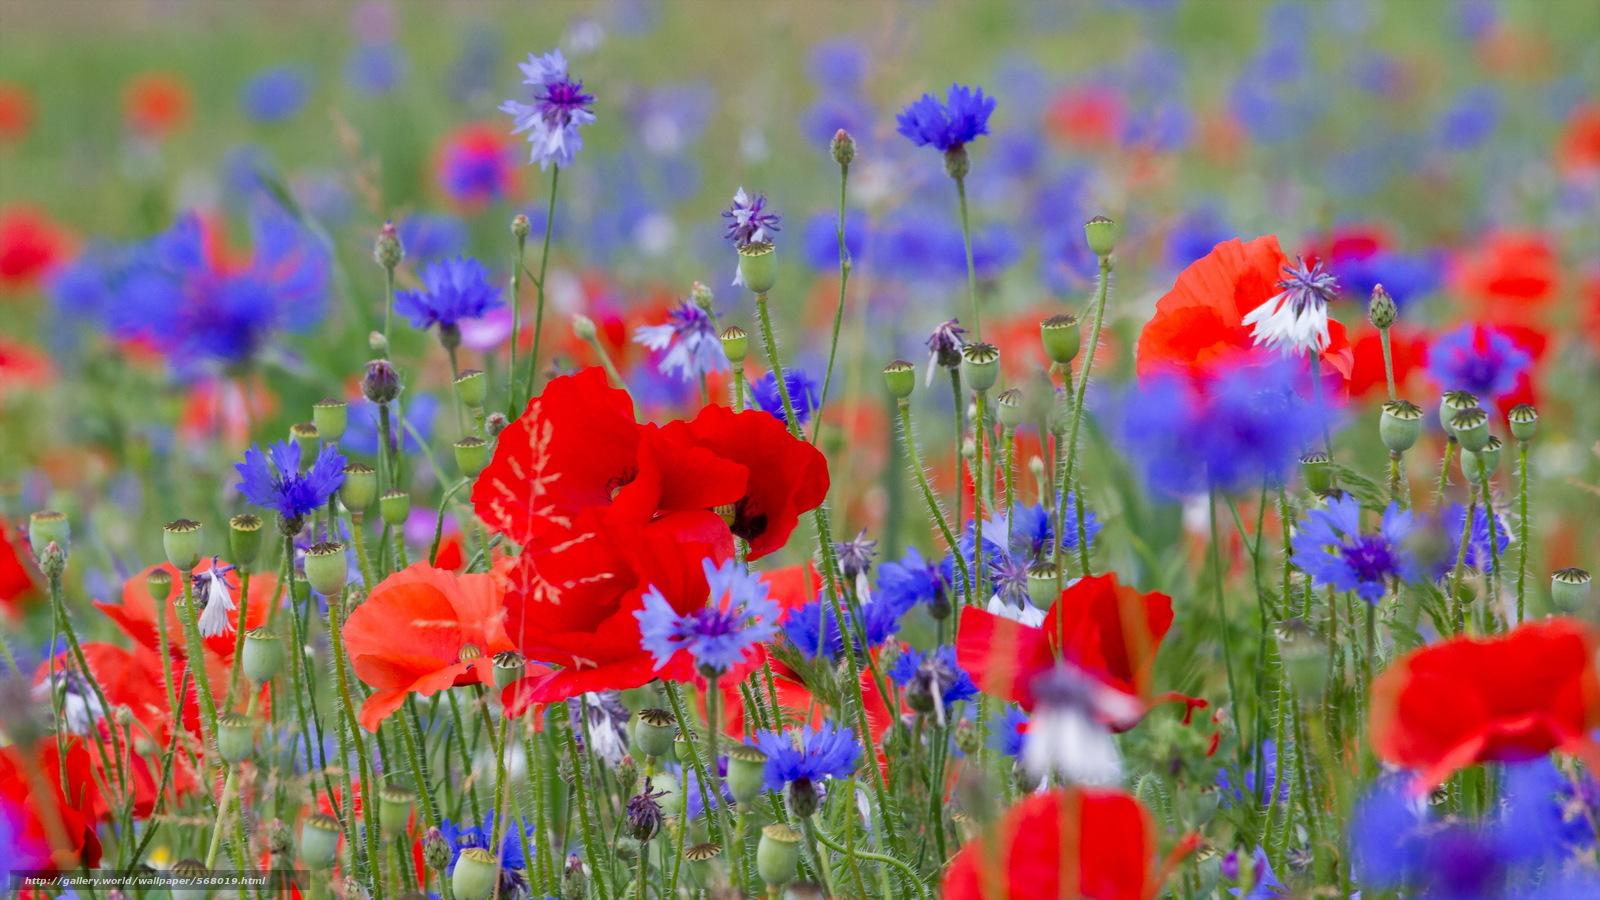 Tlcharger fond d 39 ecran fleurs coquelicots nature t for Fond ecran ete fleurs